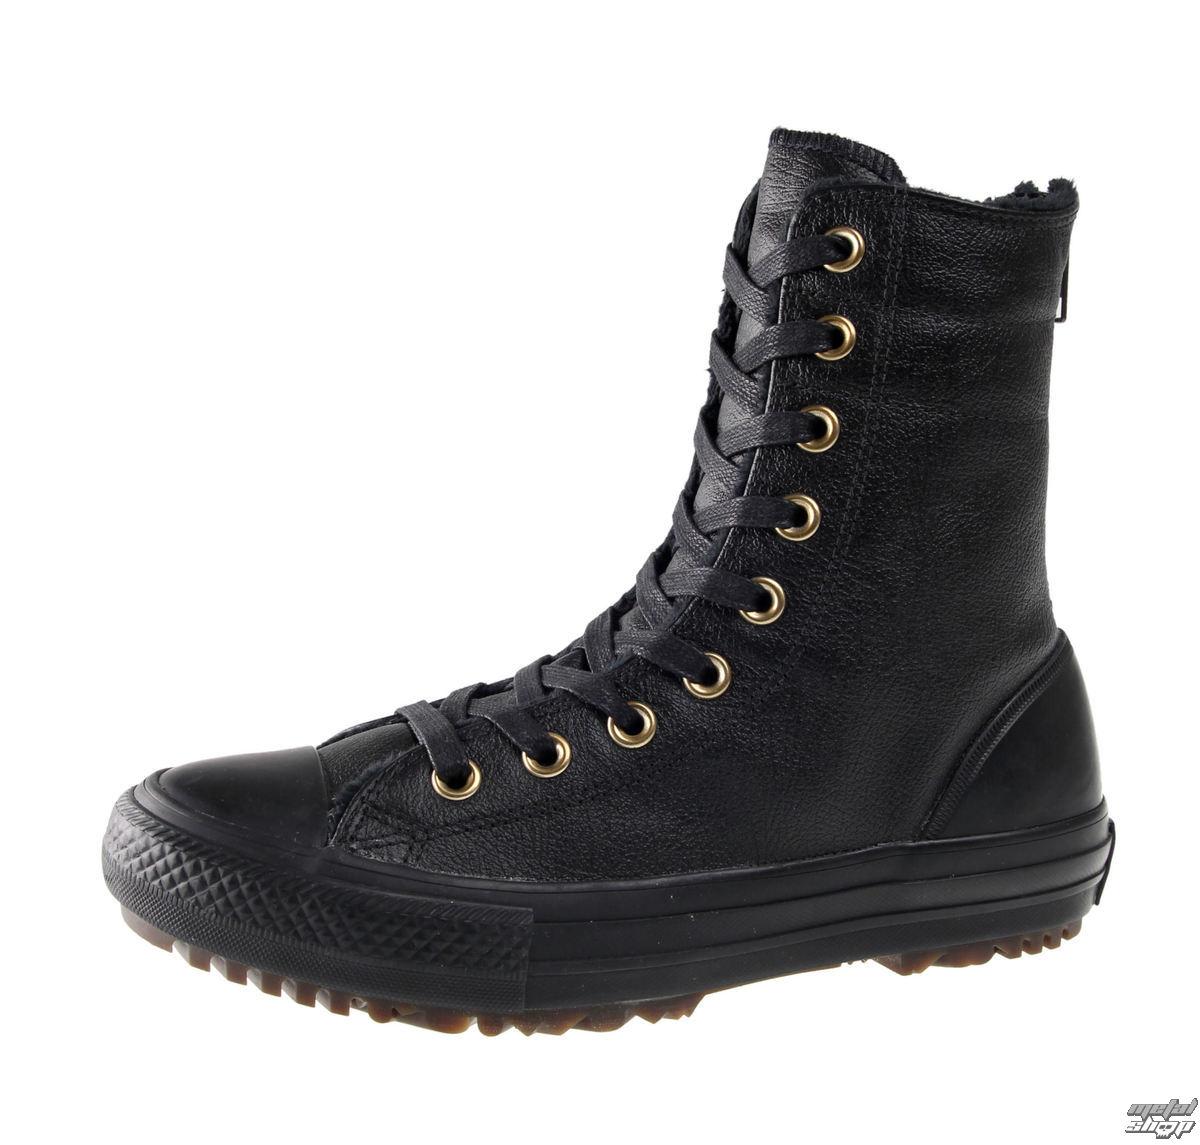 boty dámské zimní CONVERSE Chuck Taylor AS Hi-Rise - C553387 ... 3b183628b1